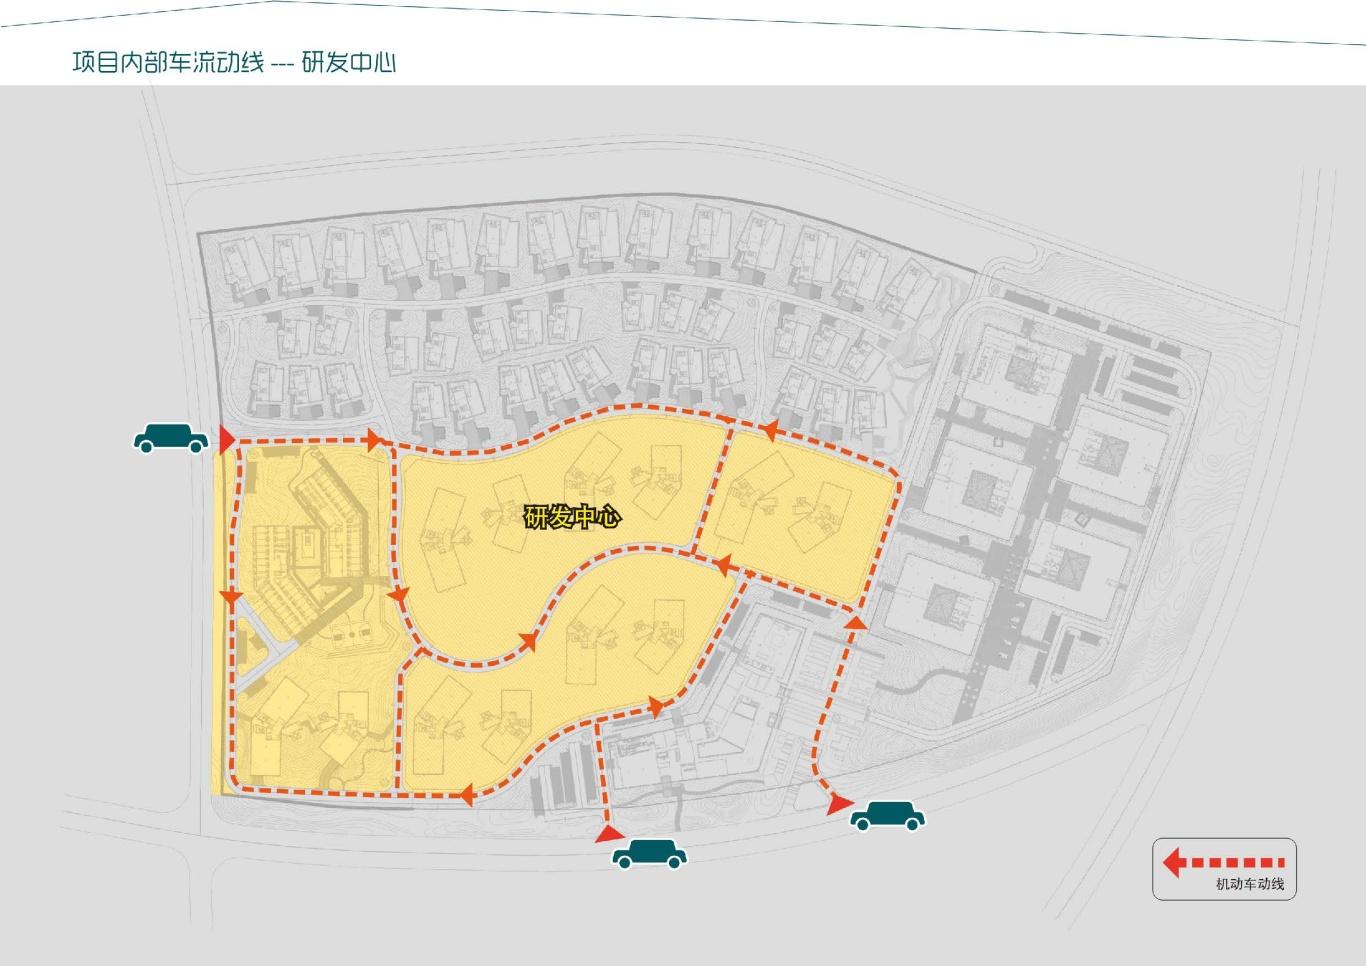 大连泰达慧谷开发区导视系统设计图10